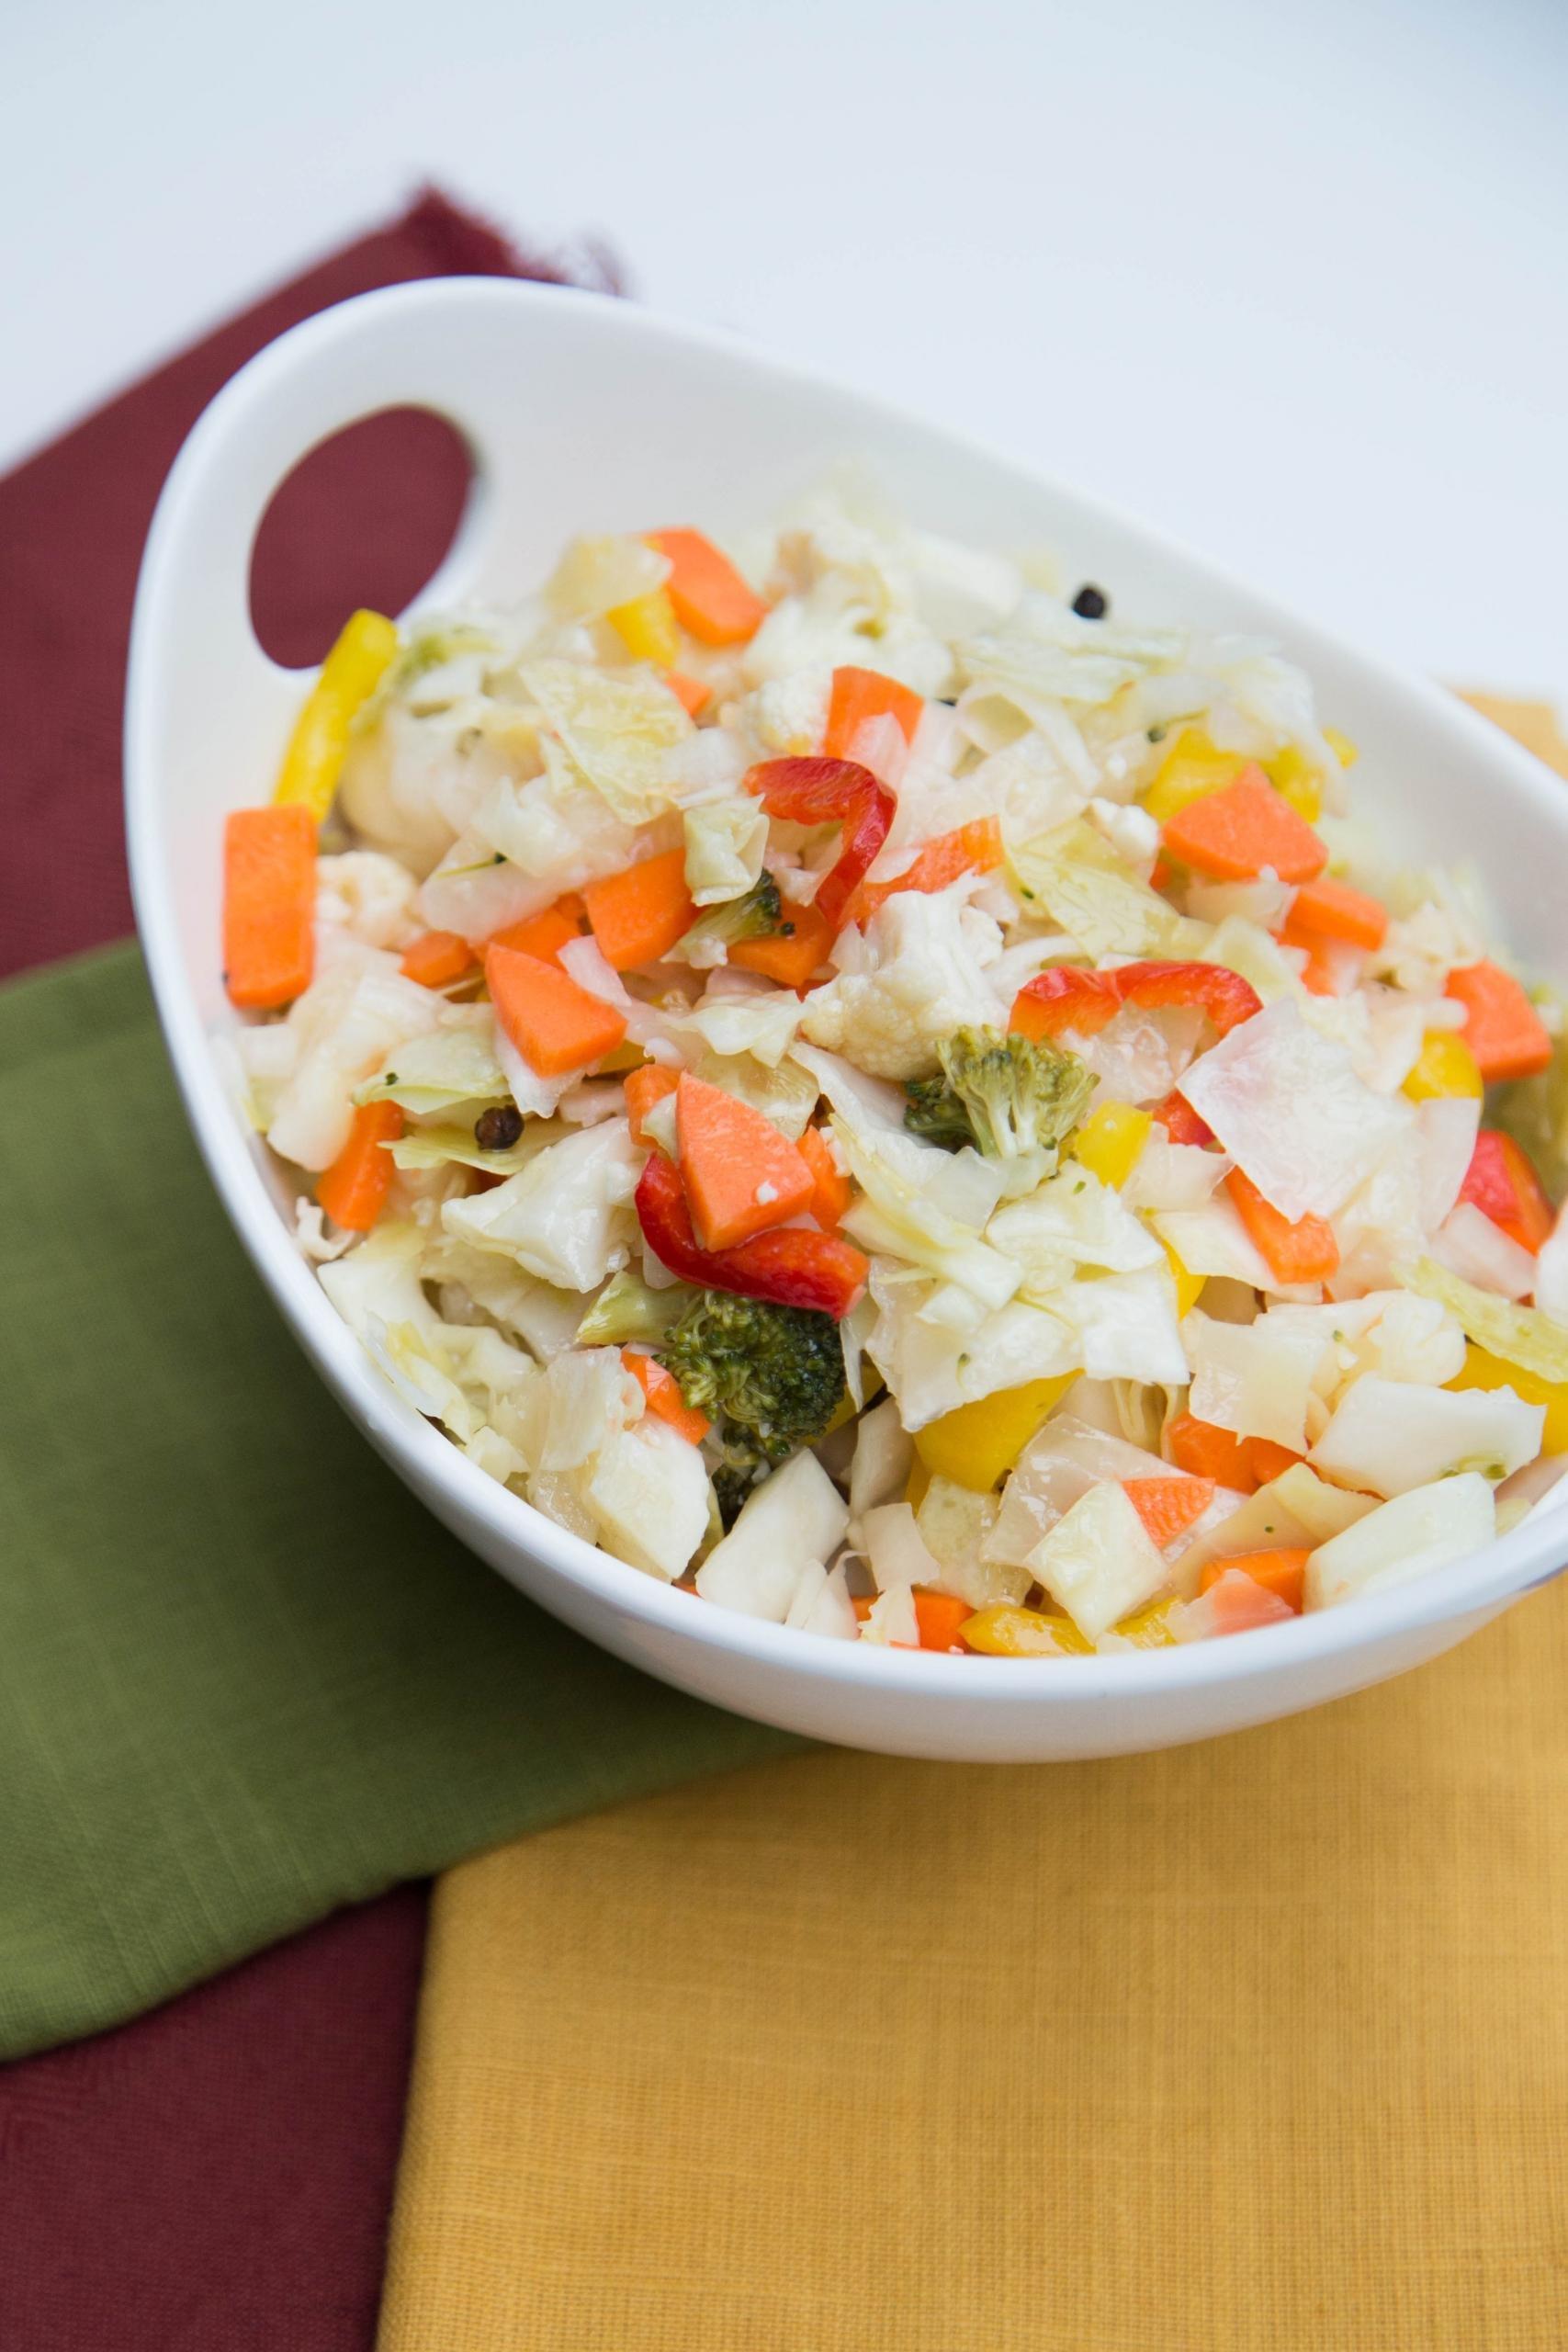 Pickled Vegetable Salad in a bowl